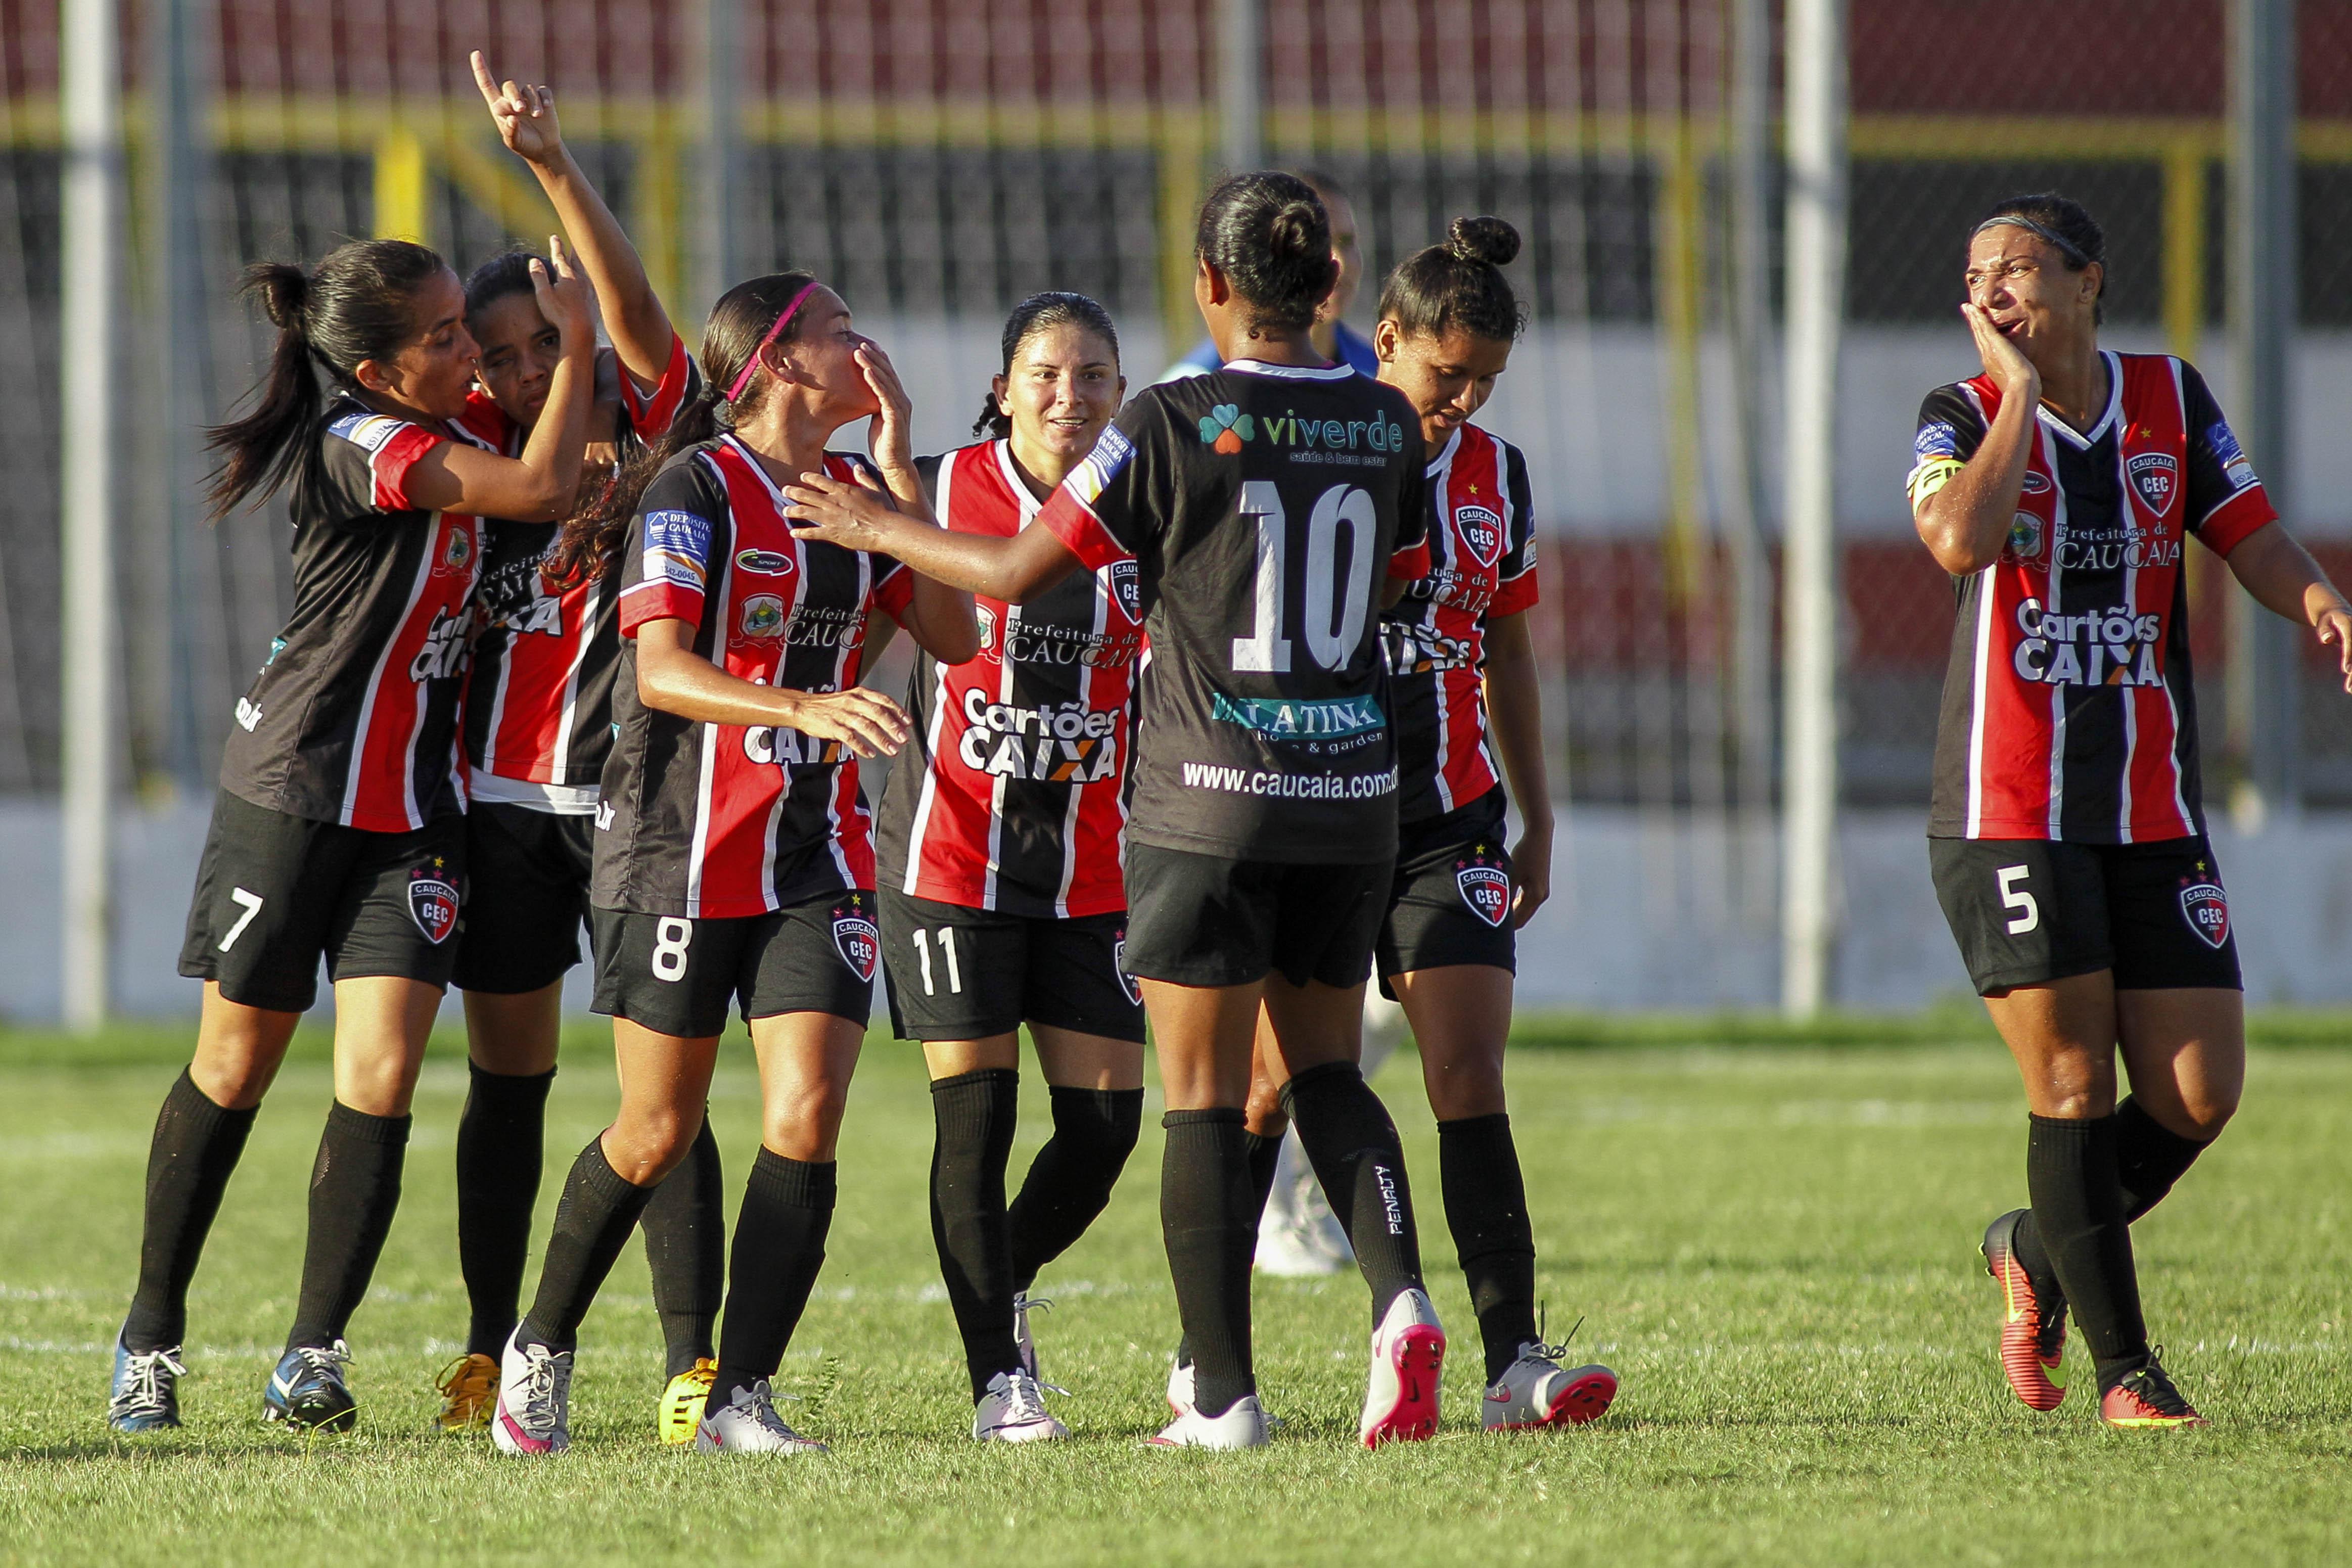 Caucaia goleia e consegue vaga inédita na semifinal da 2ª divisão do Brasileiro